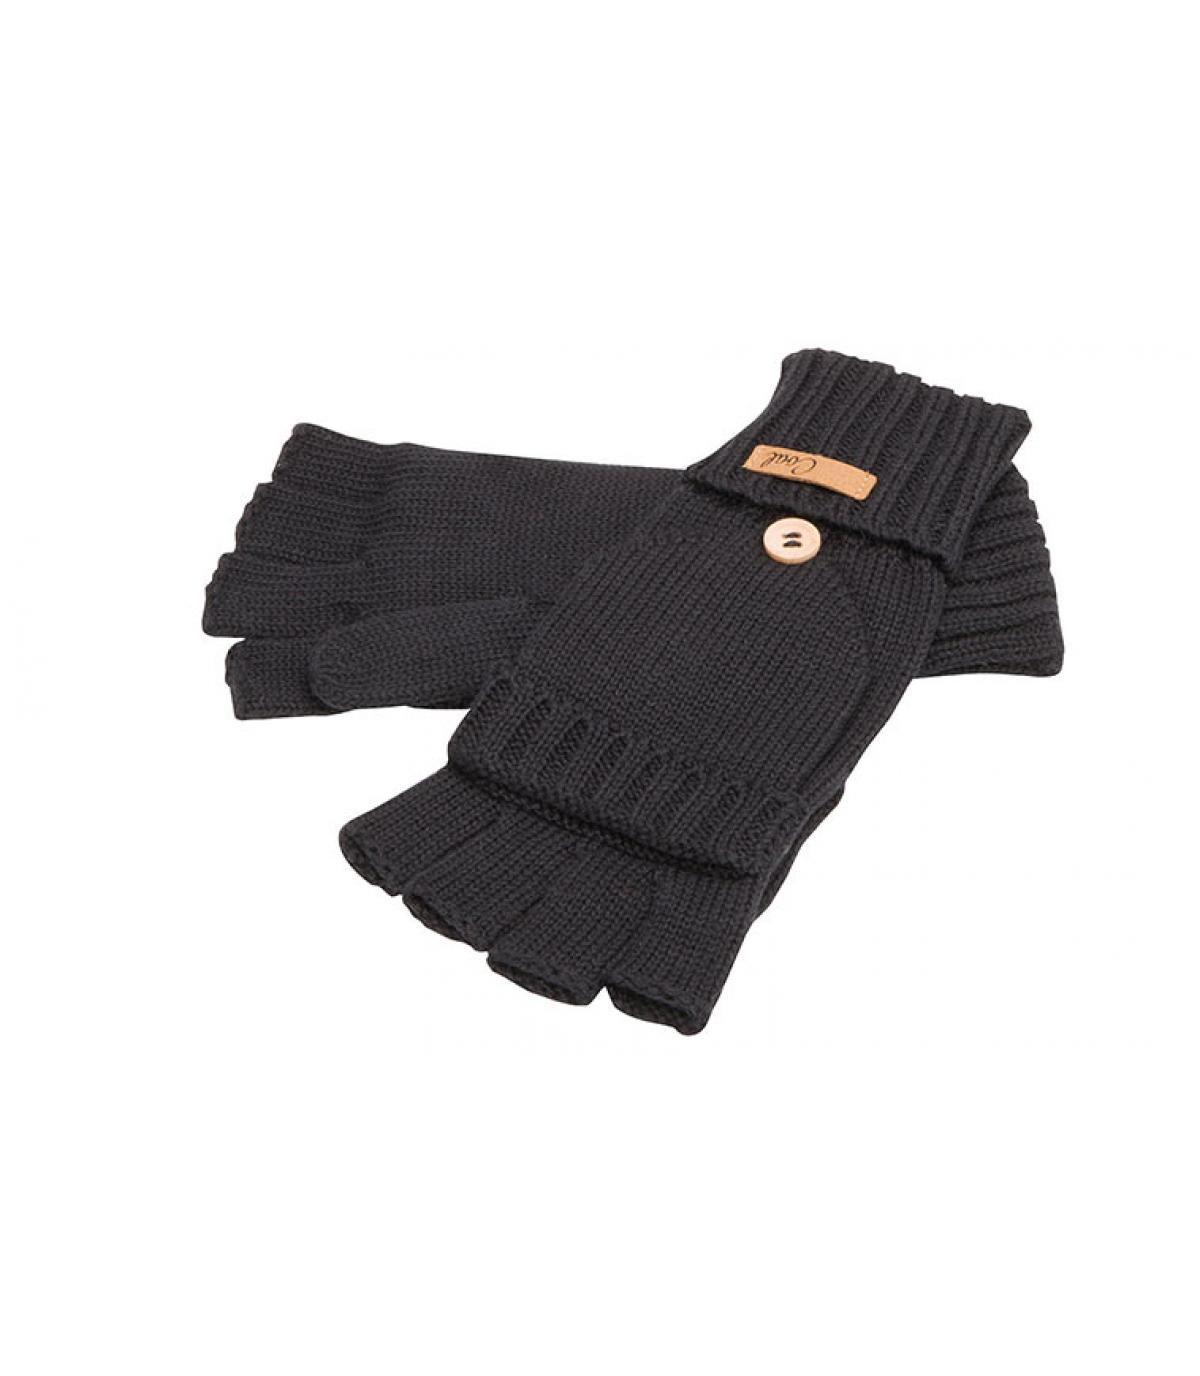 zwarte handschoenen wanten